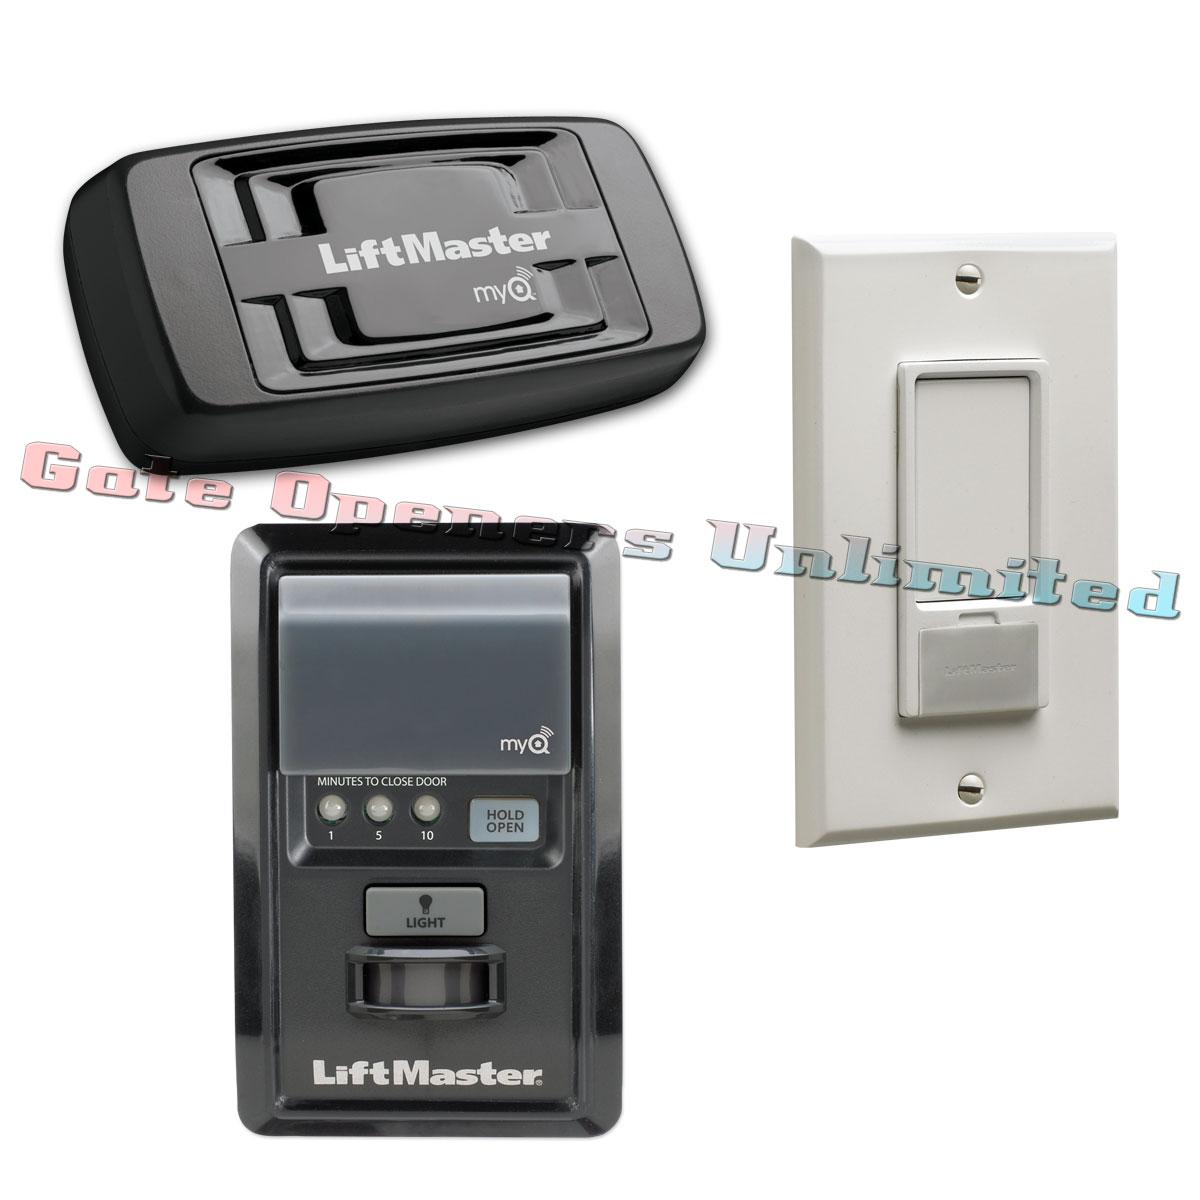 Liftmaster Garage Door Opener Light Wont Turn On